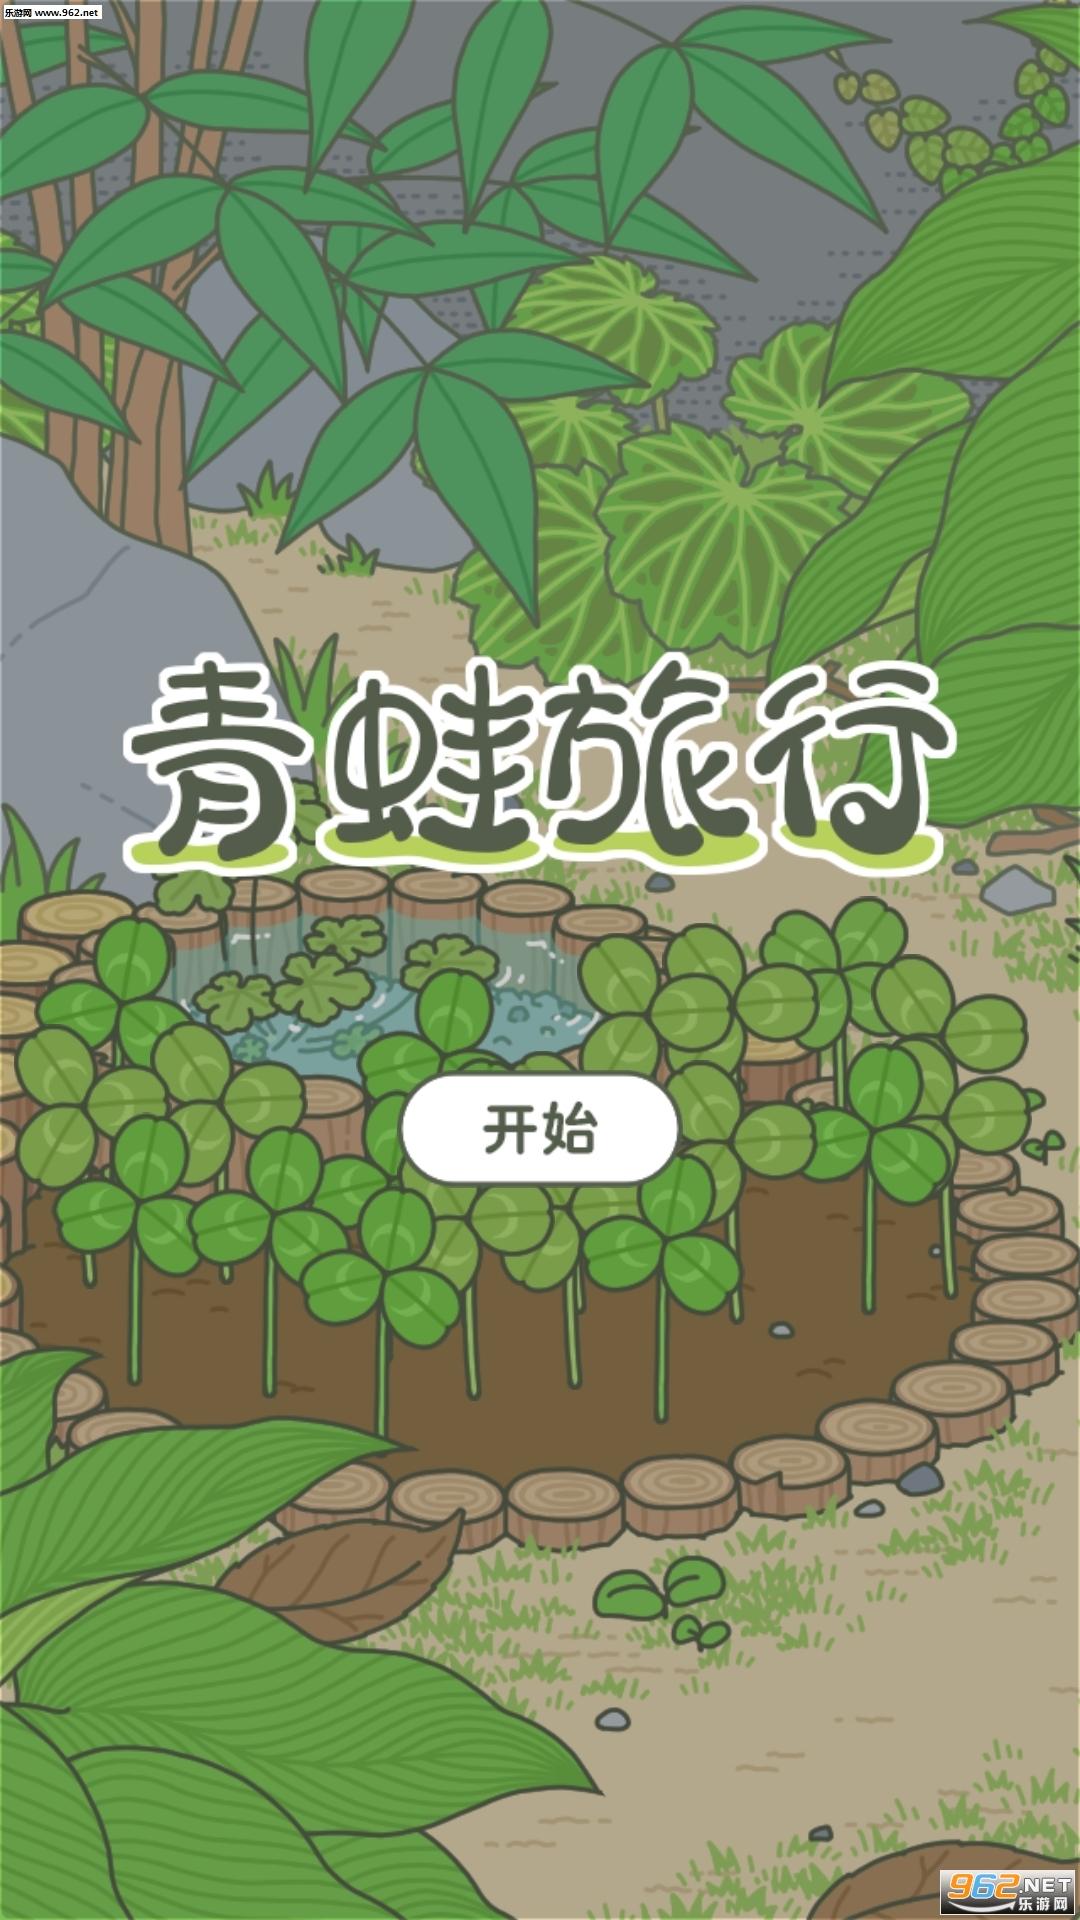 青蛙去旅行游戏汉化版手谈汉化最新版_截图7